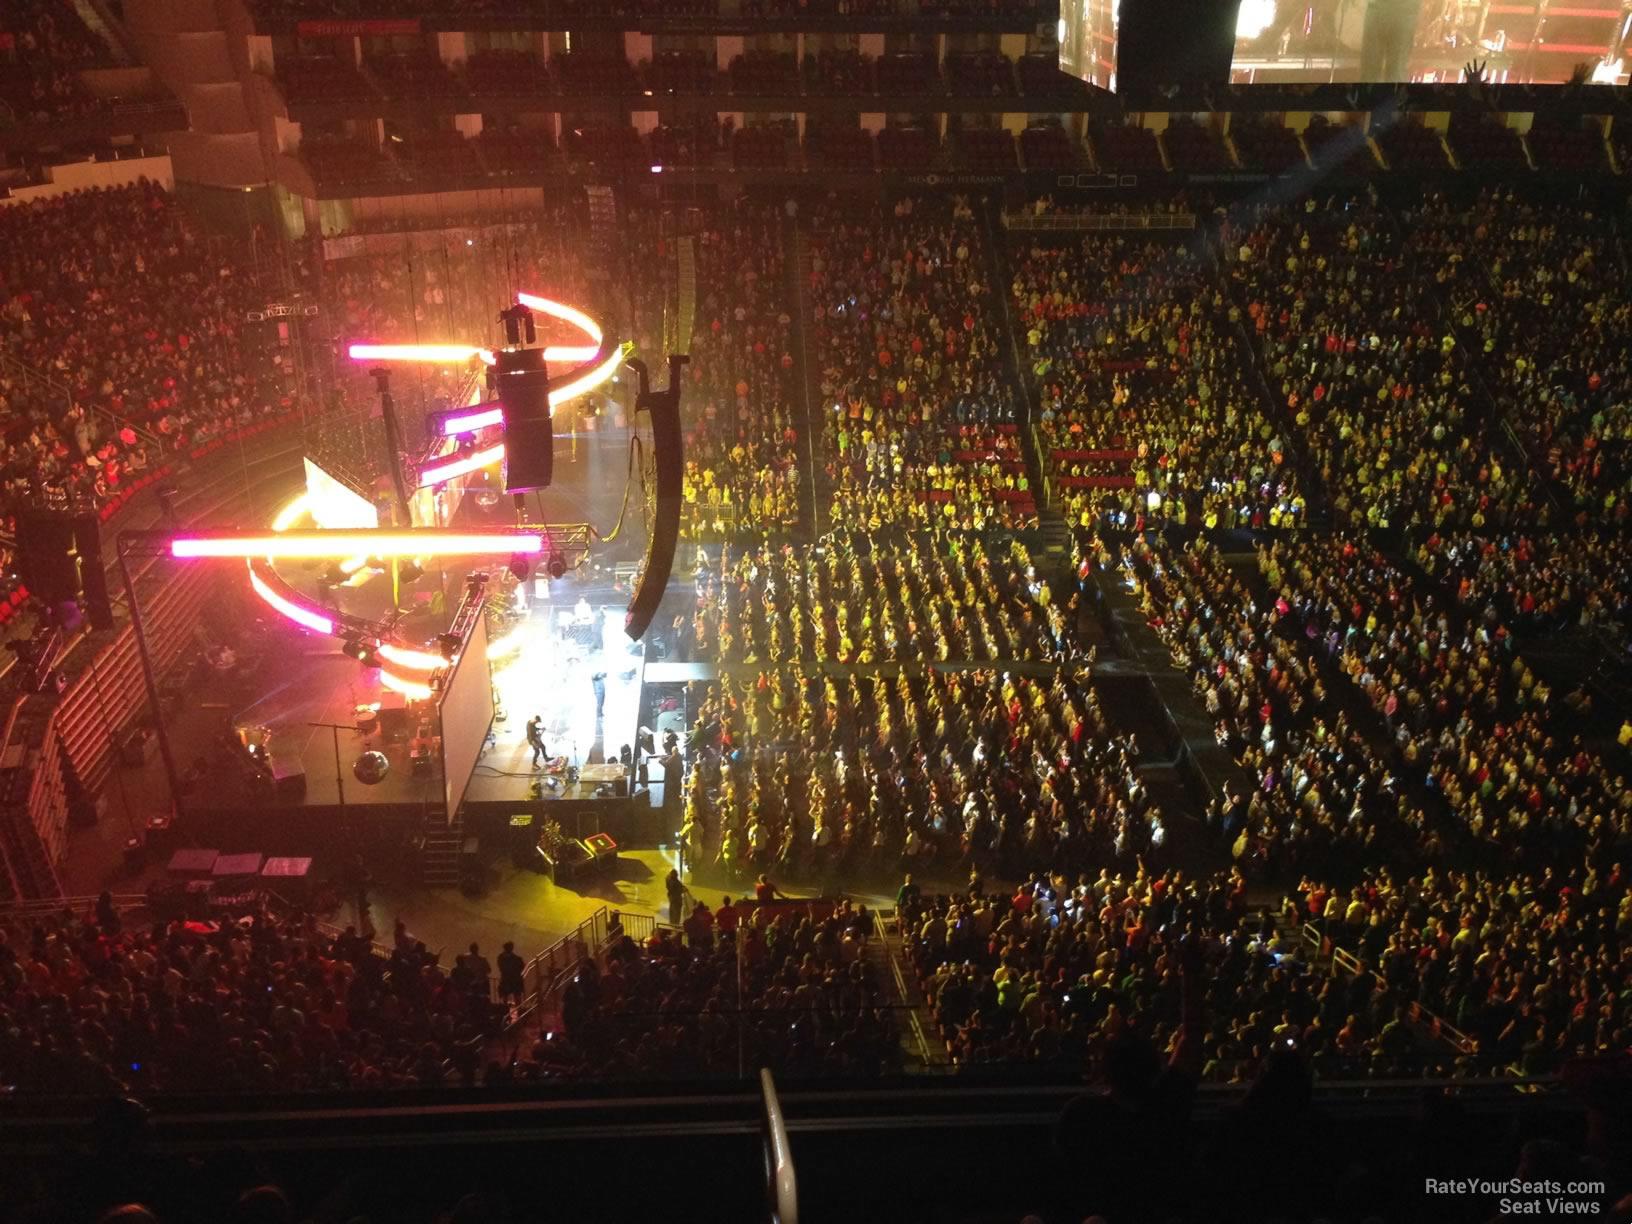 Concert Floor Seats - Ivoiregion